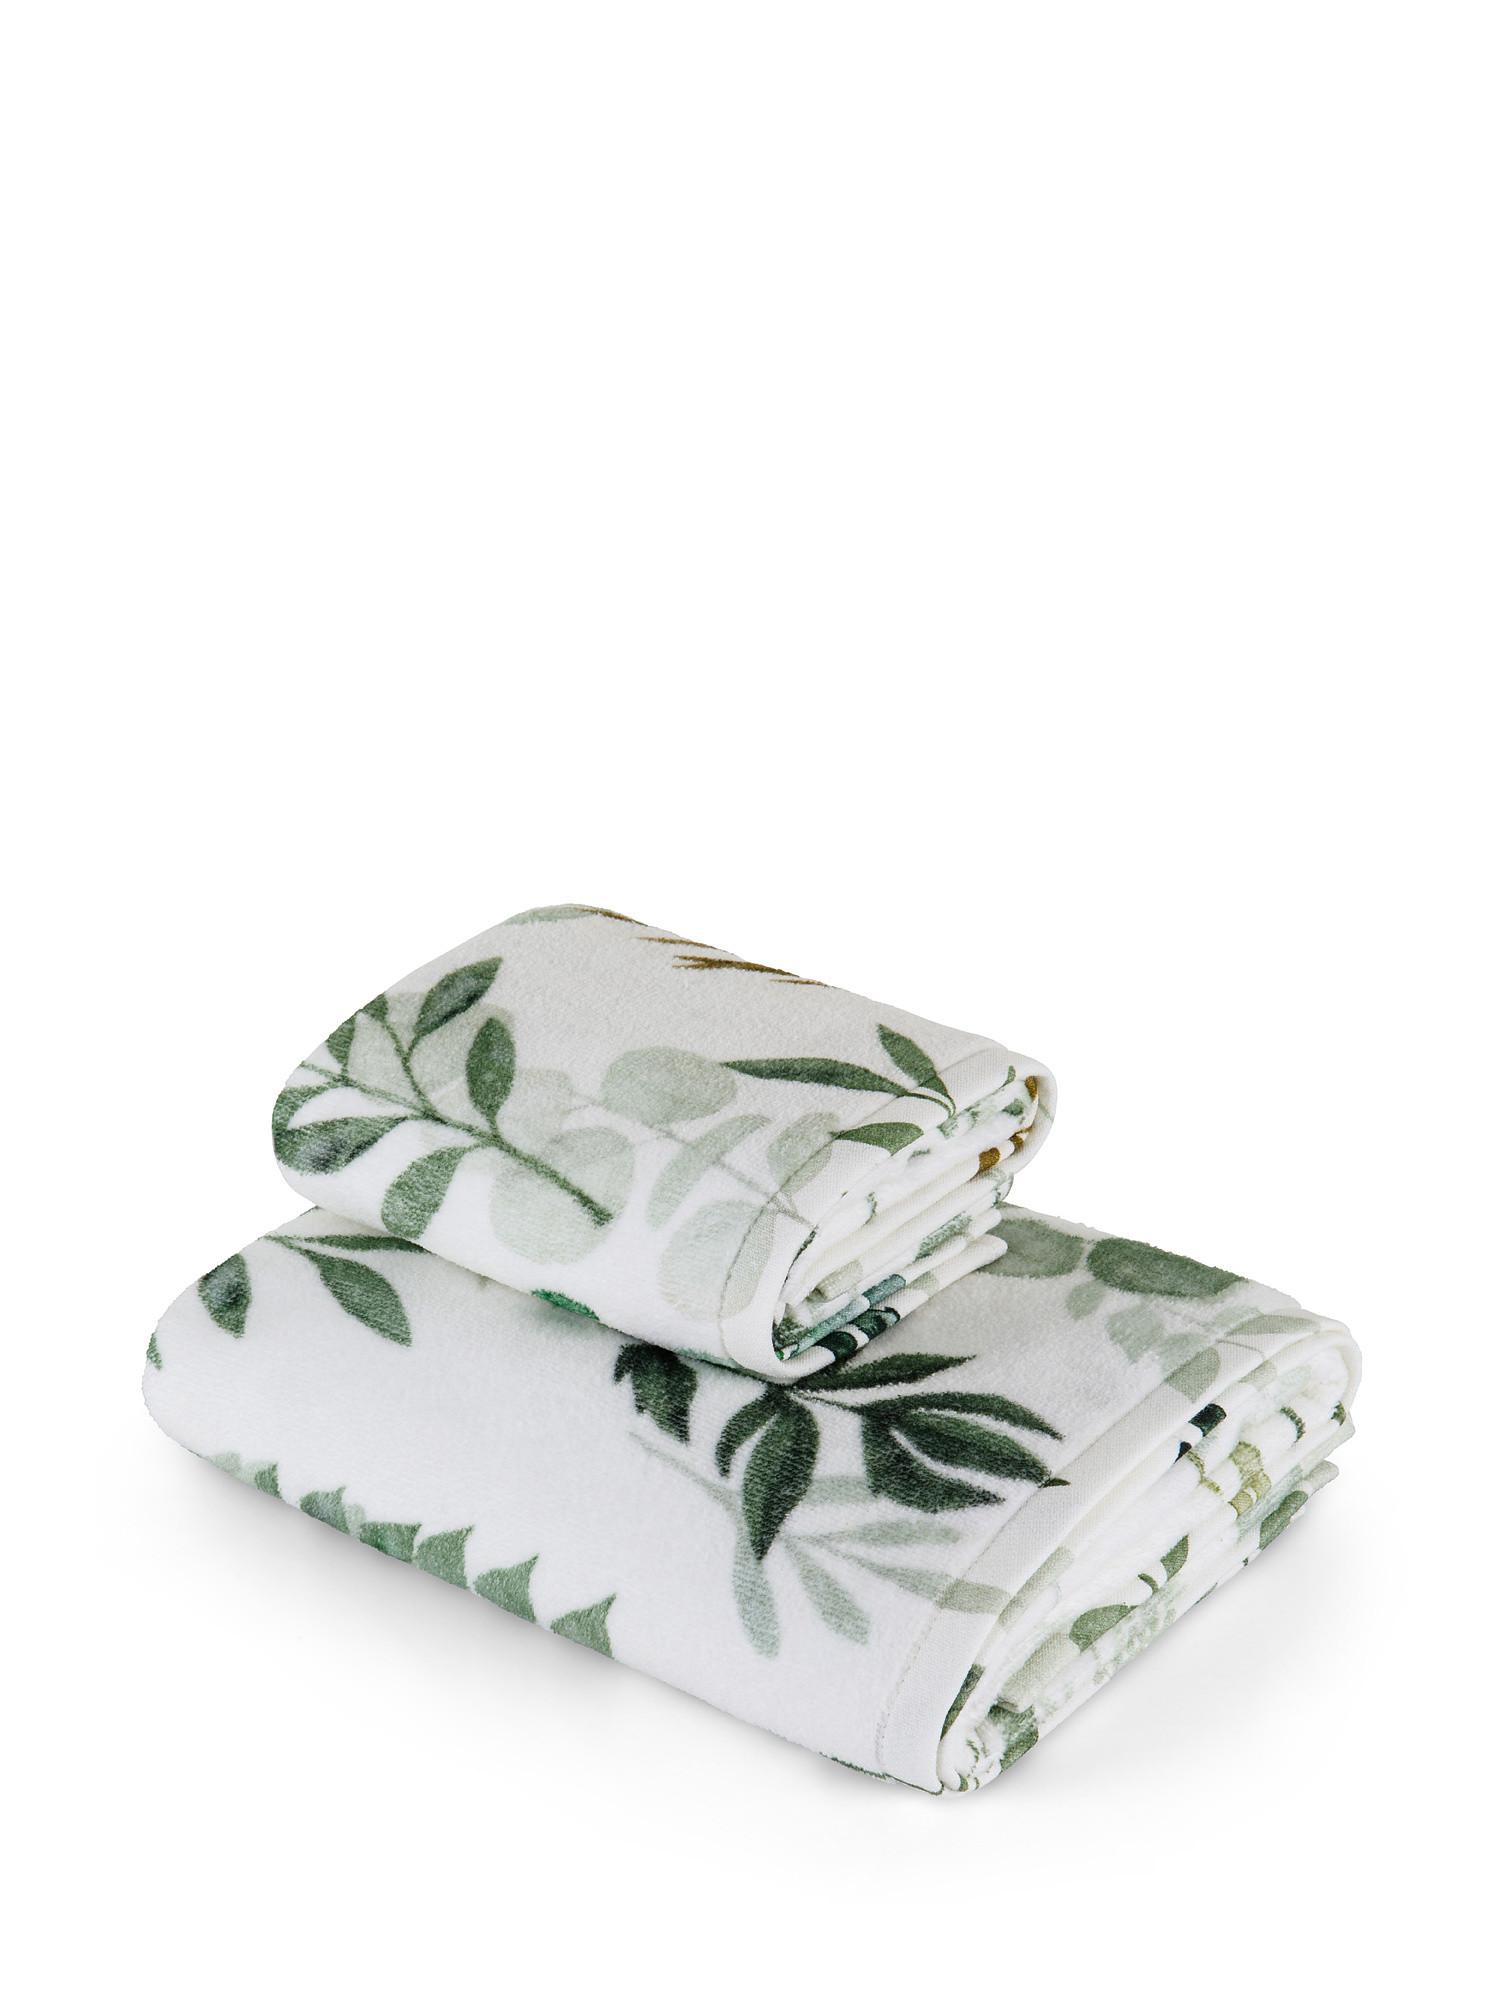 Asciugamano cotone velour motivo botanico, Bianco, large image number 0